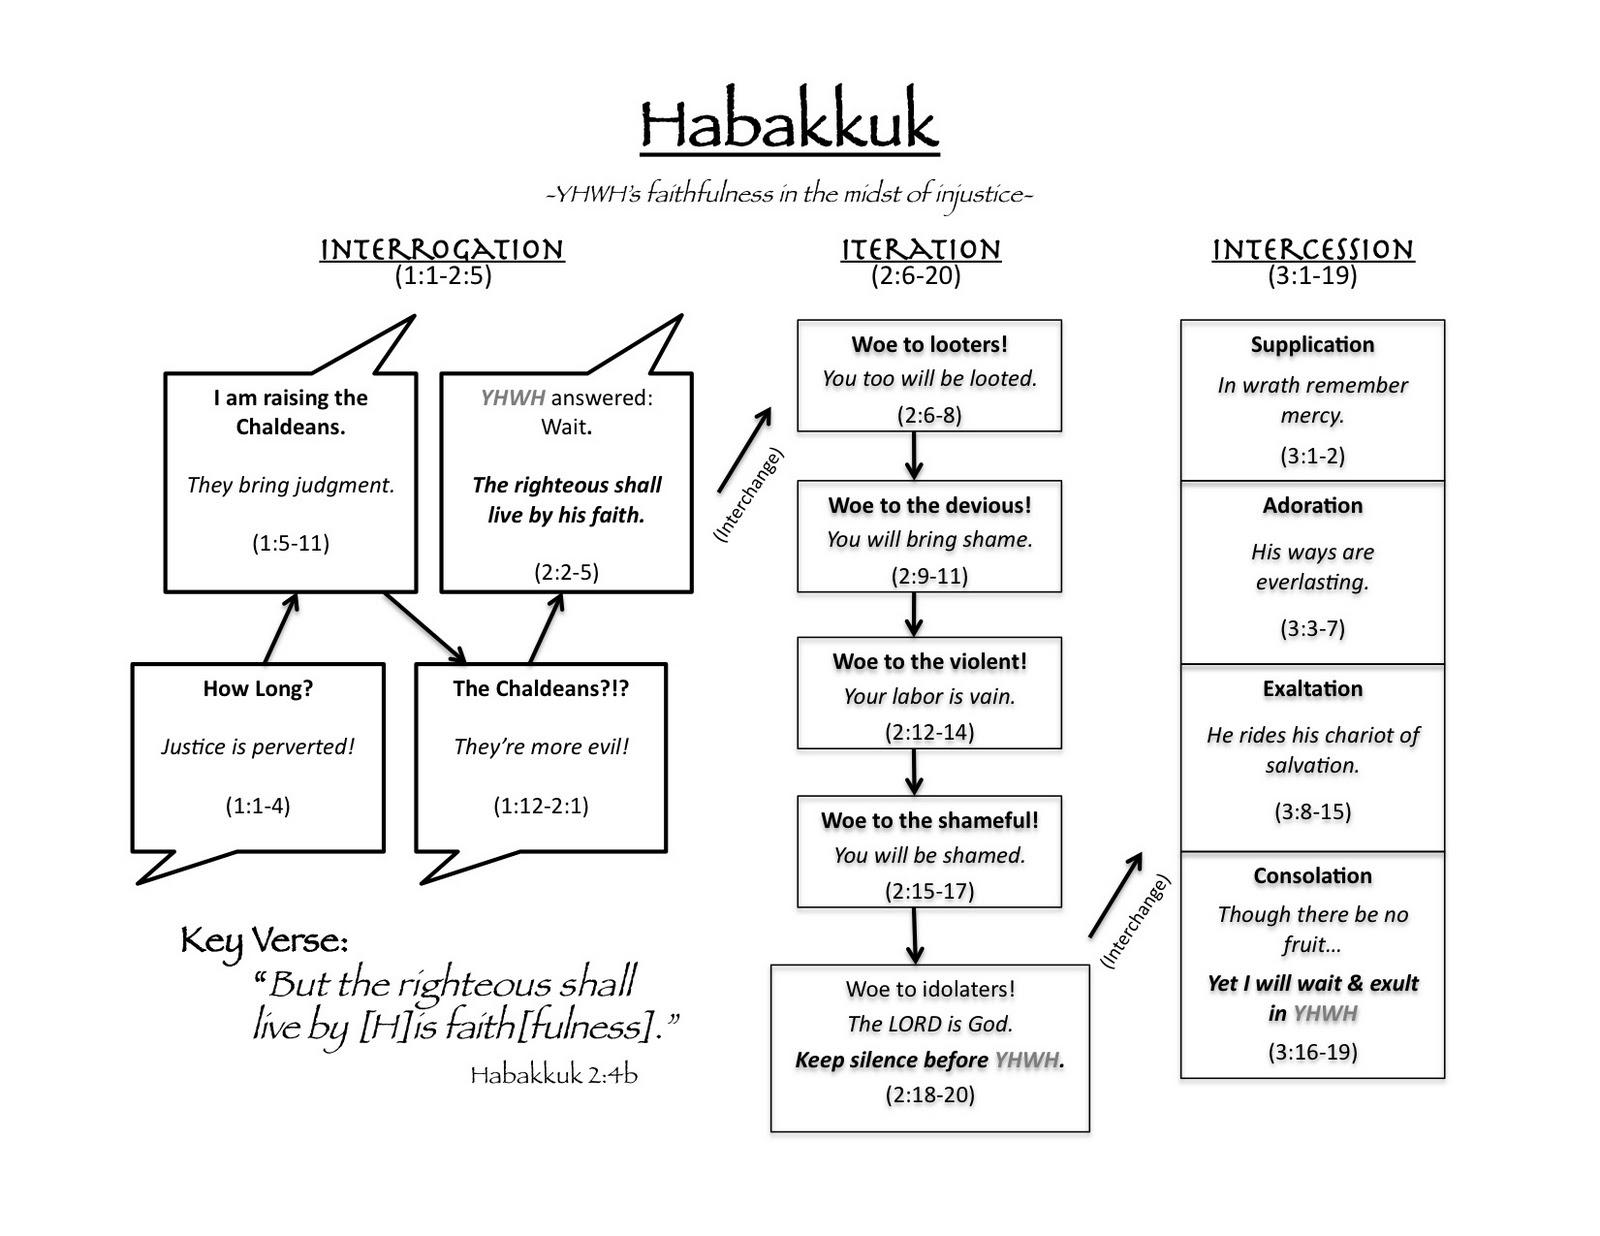 Habakkuk Chart Leading Captivity Captive